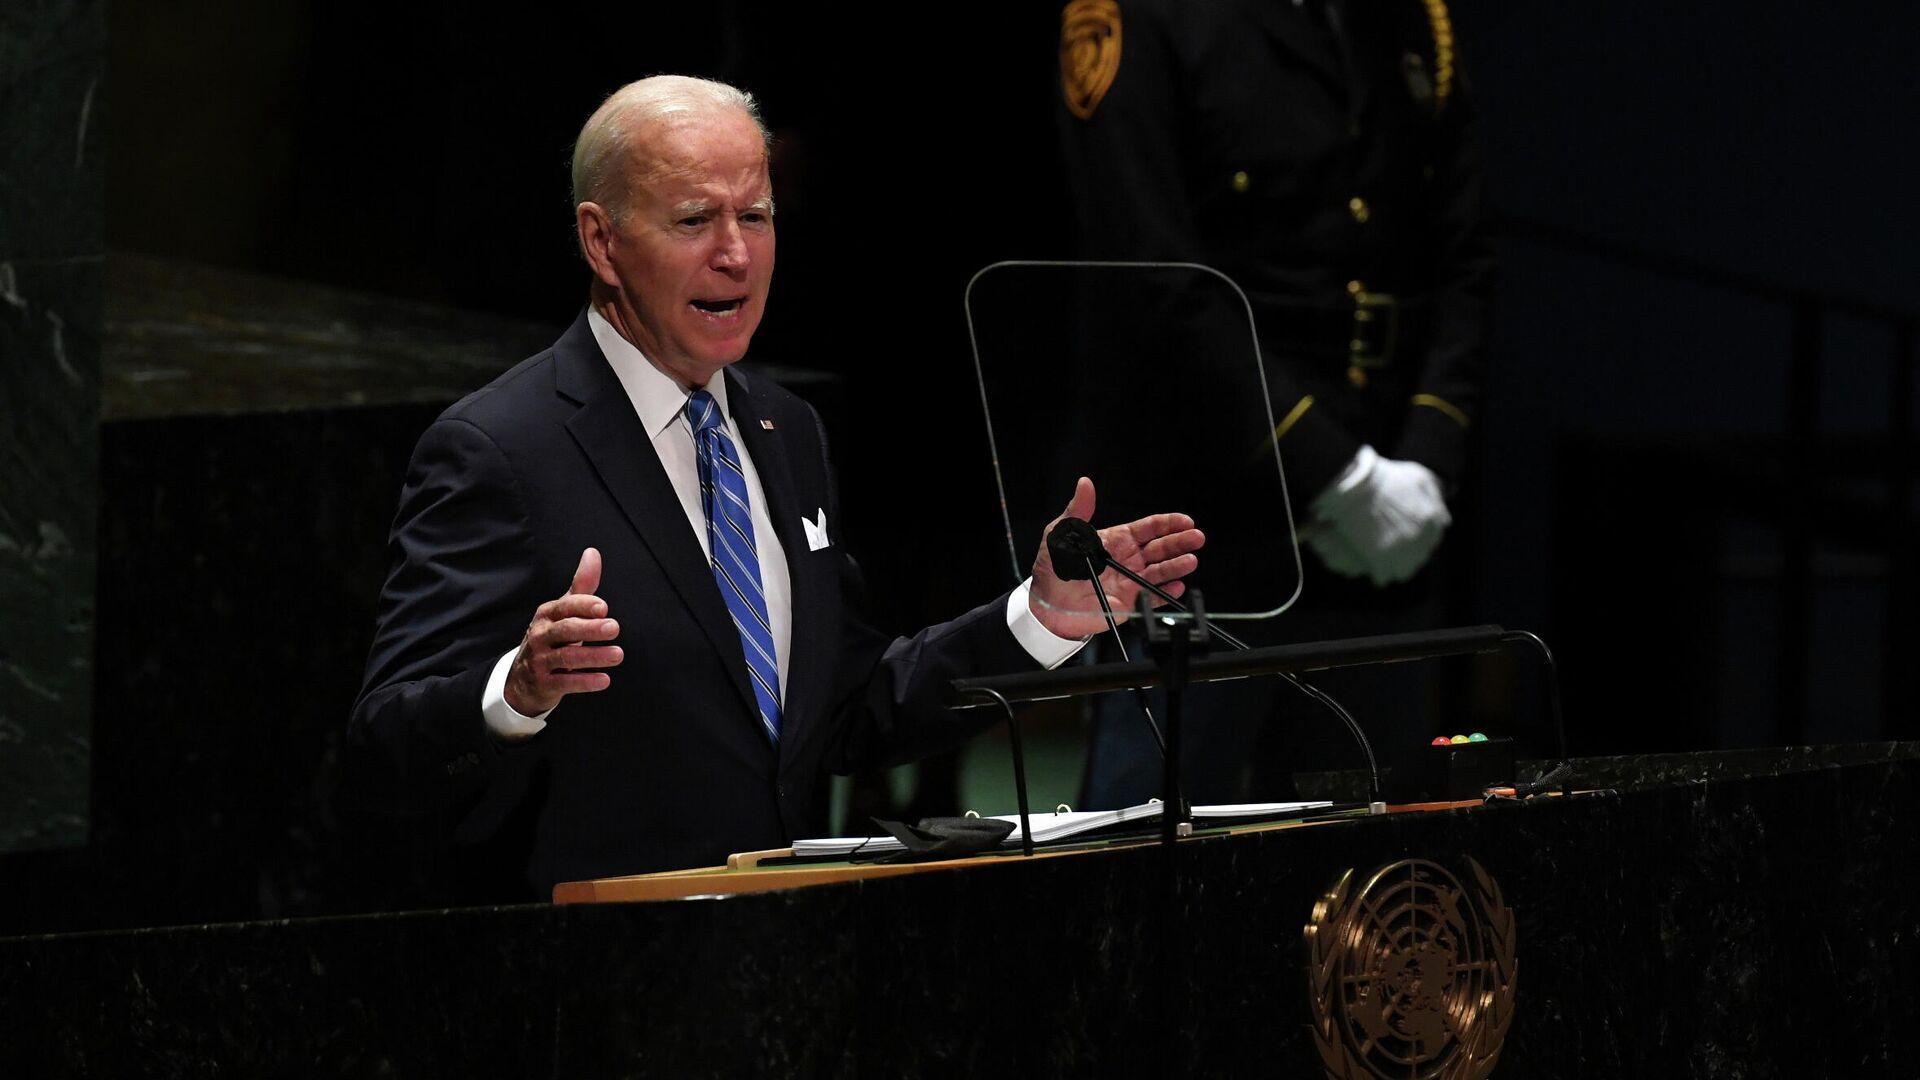 Президент США Джо Байден выступает на сессии Генеральной Ассамблеи ООН в Нью-Йорке - РИА Новости, 1920, 22.09.2021